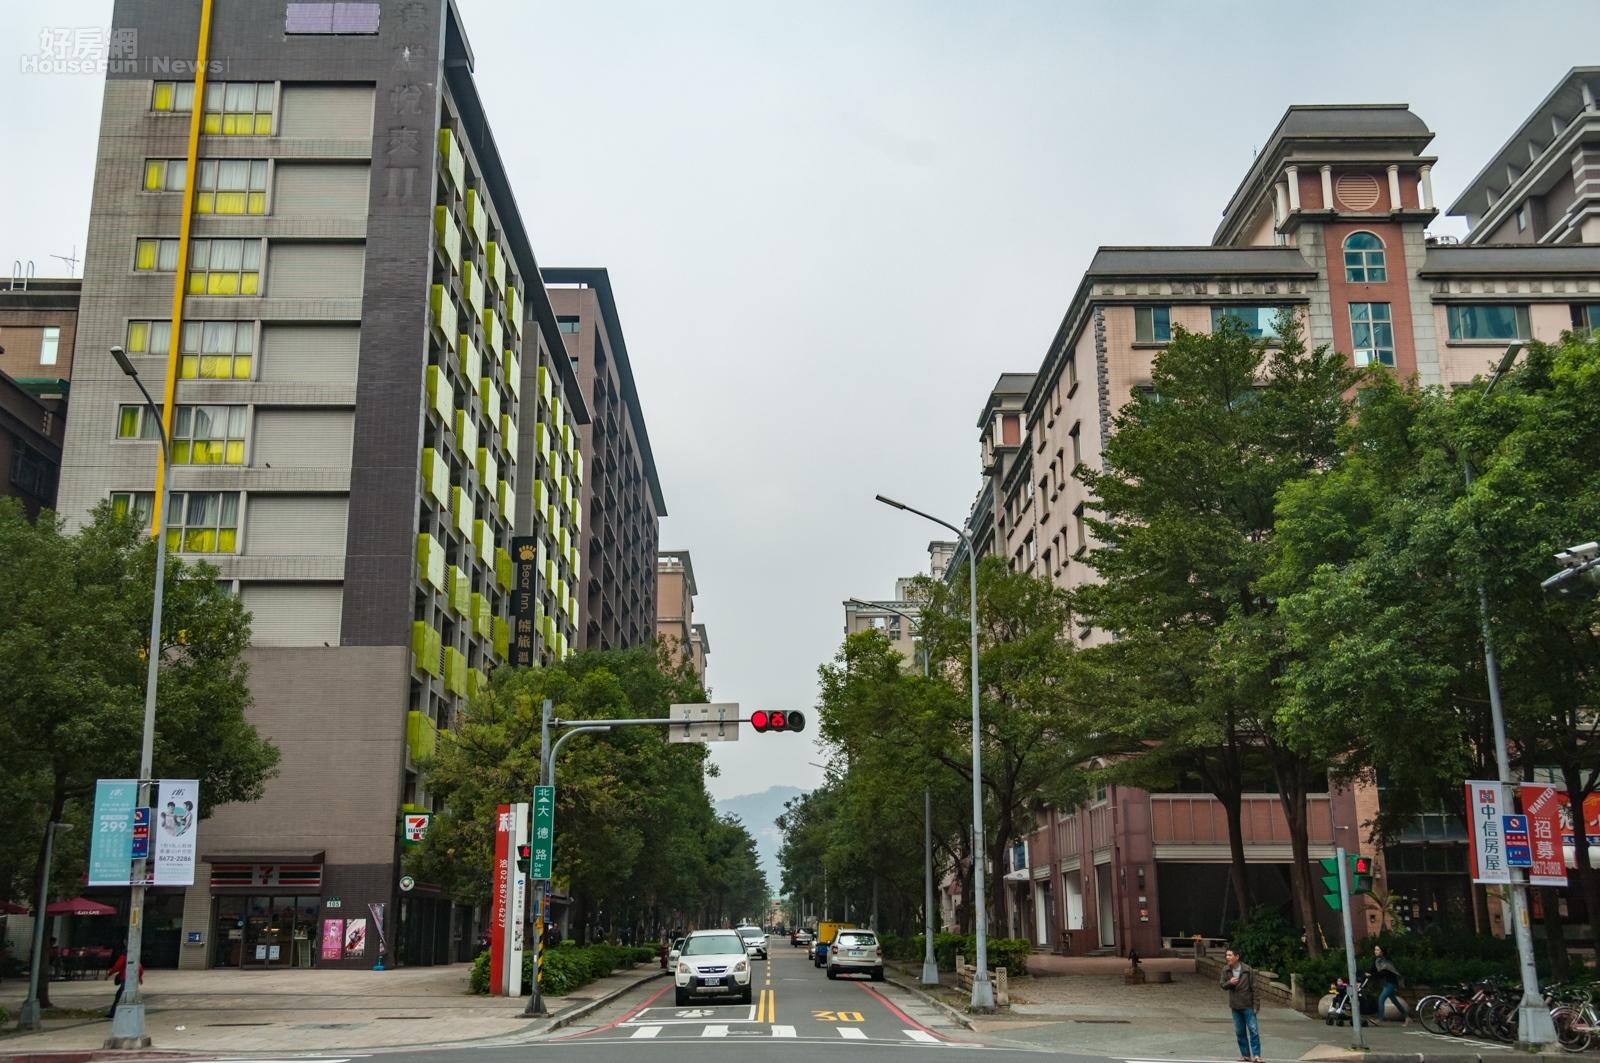 新北住宅指數又漲了!這重劃區衝破實價登錄最高點